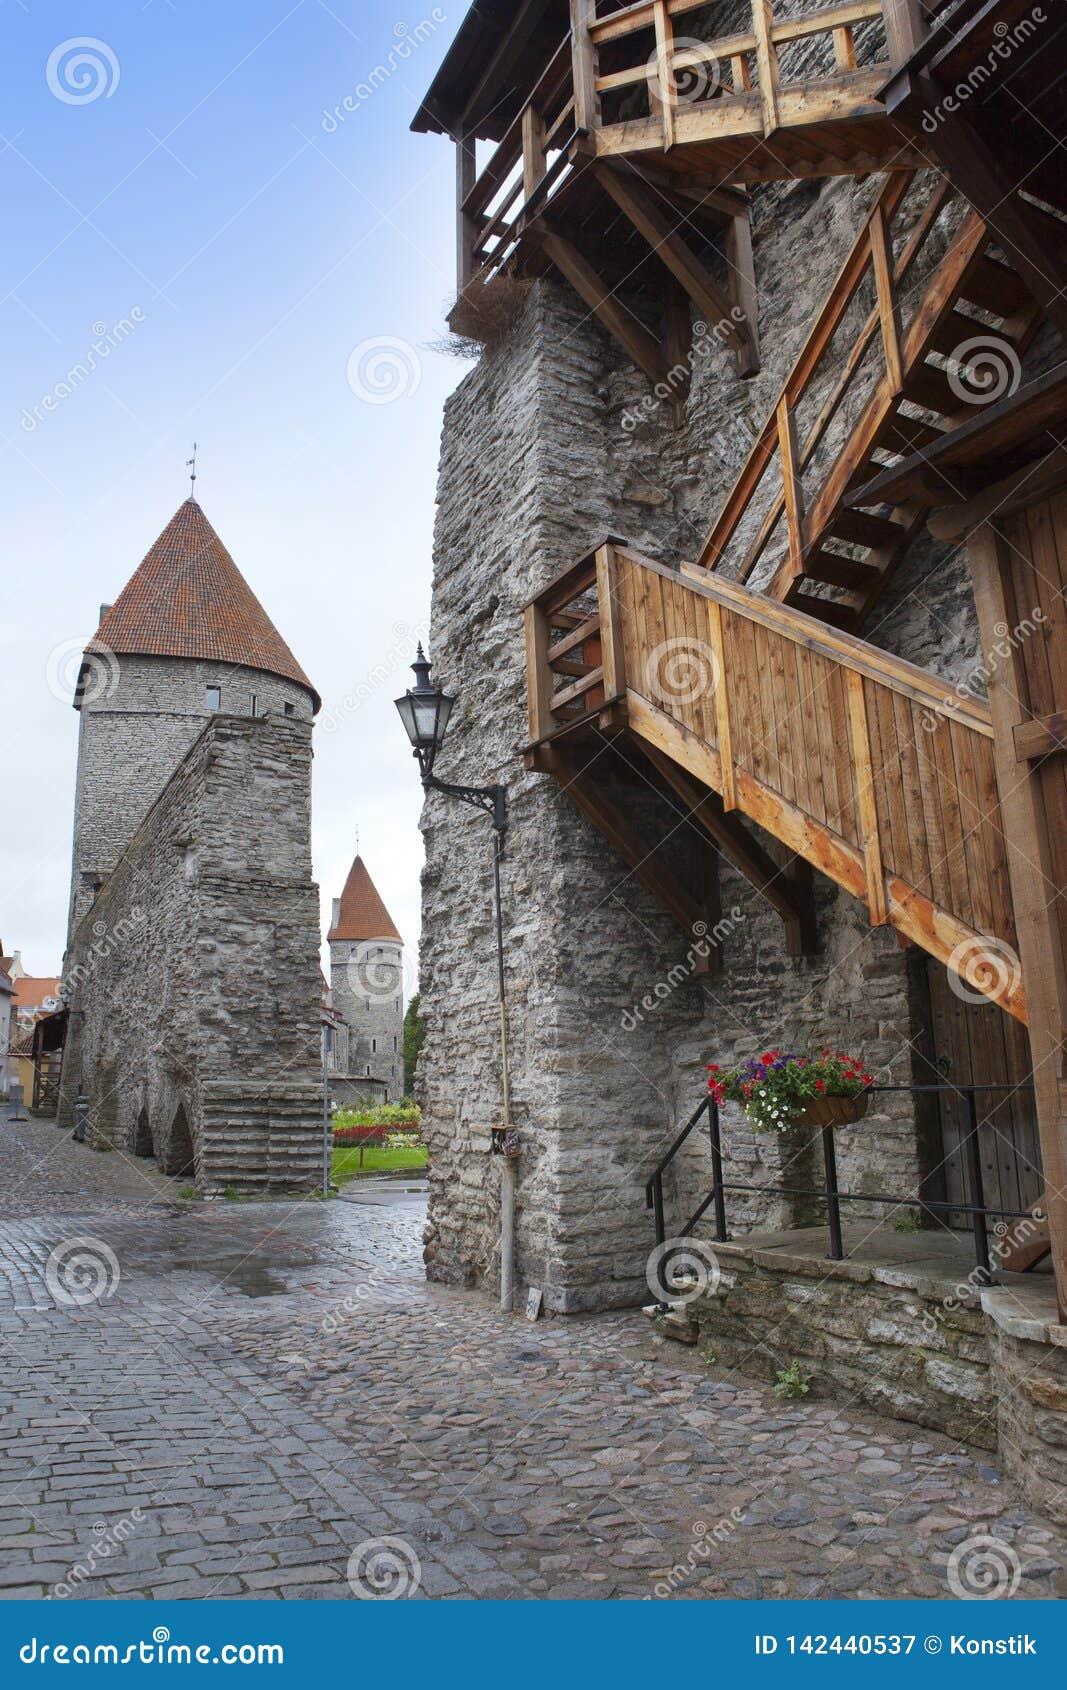 Middeleeuwse toren, een deel van de stadsmuur, Tallinn, Estland